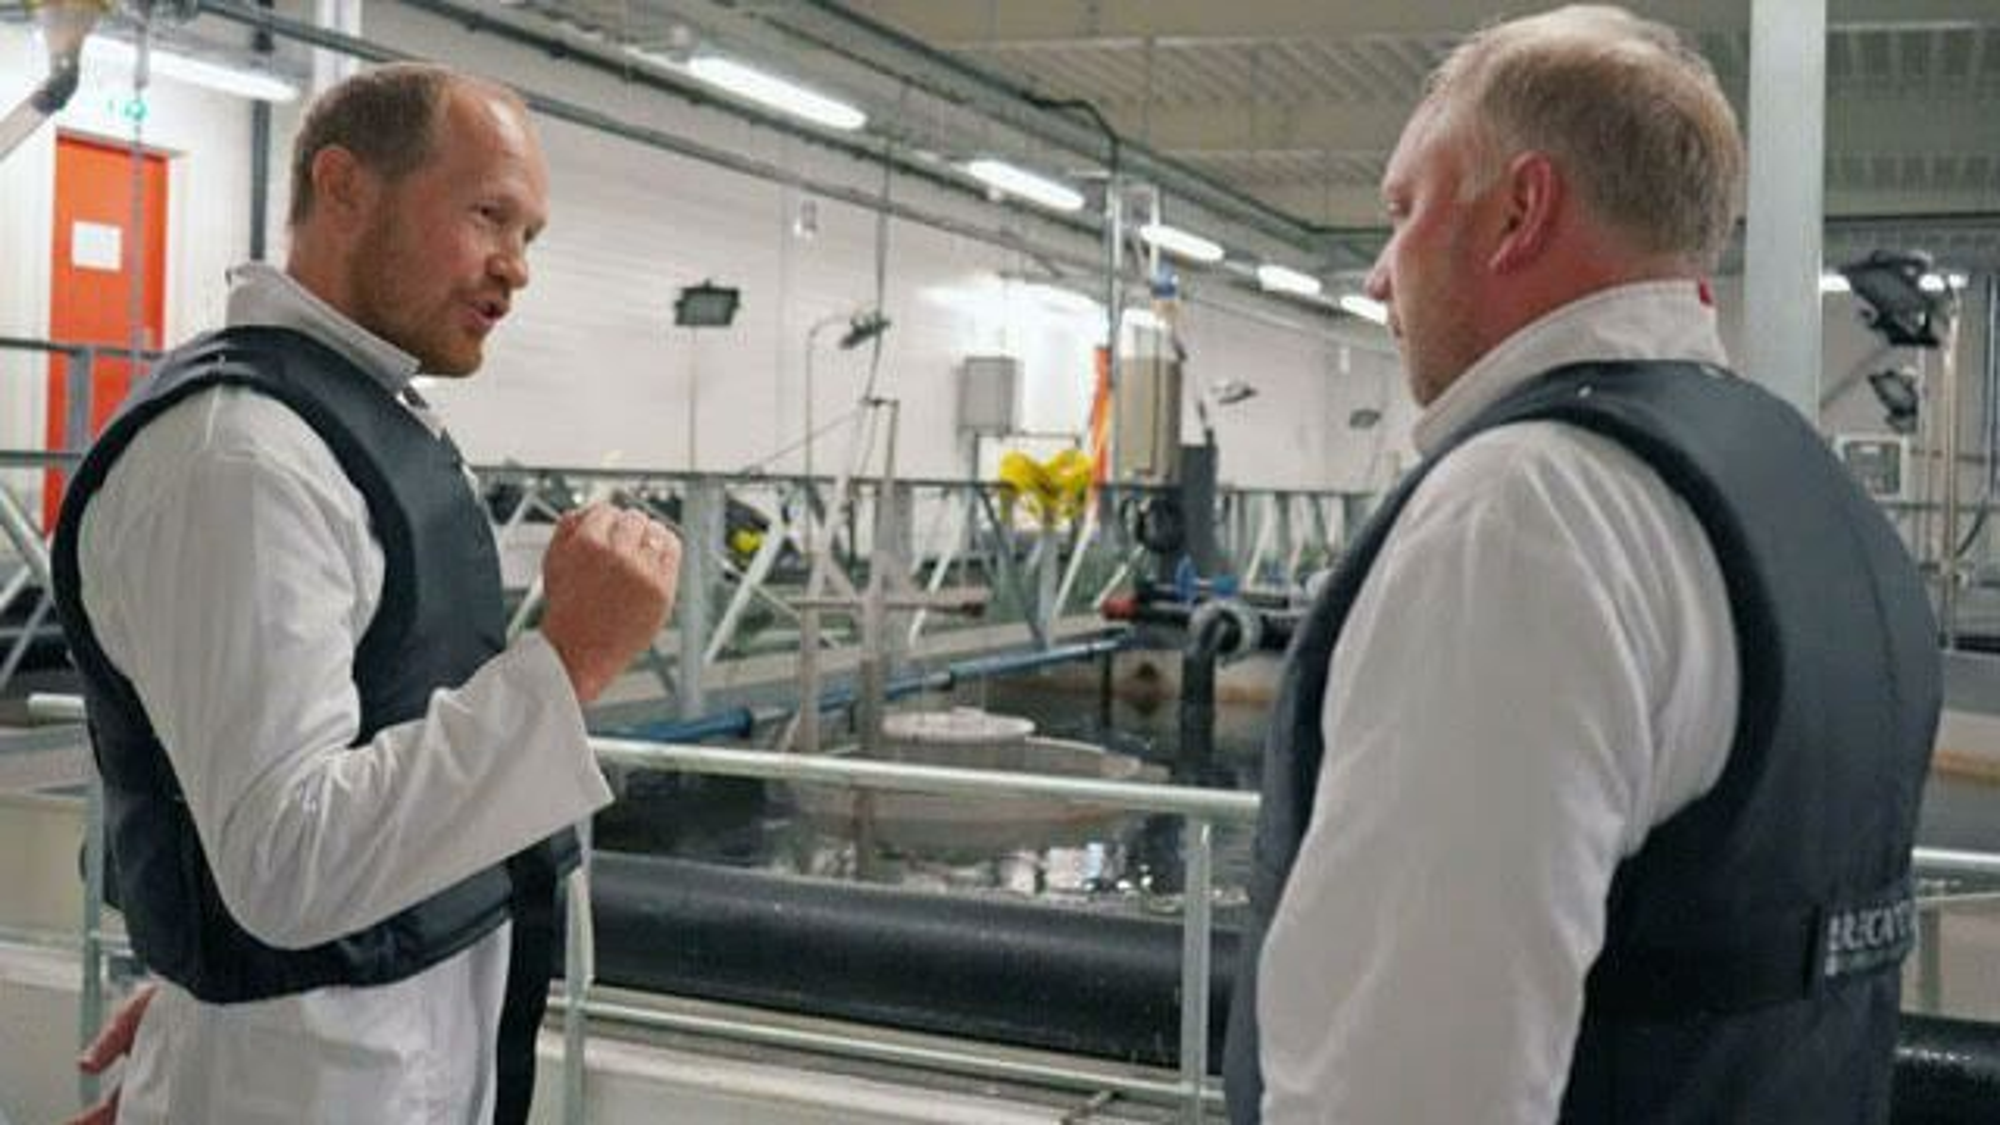 F. v. Michael Vadvik i Normex og Kjell Arne Sætre i Mowi på smoltanlegget som tester ut ozonrensing.